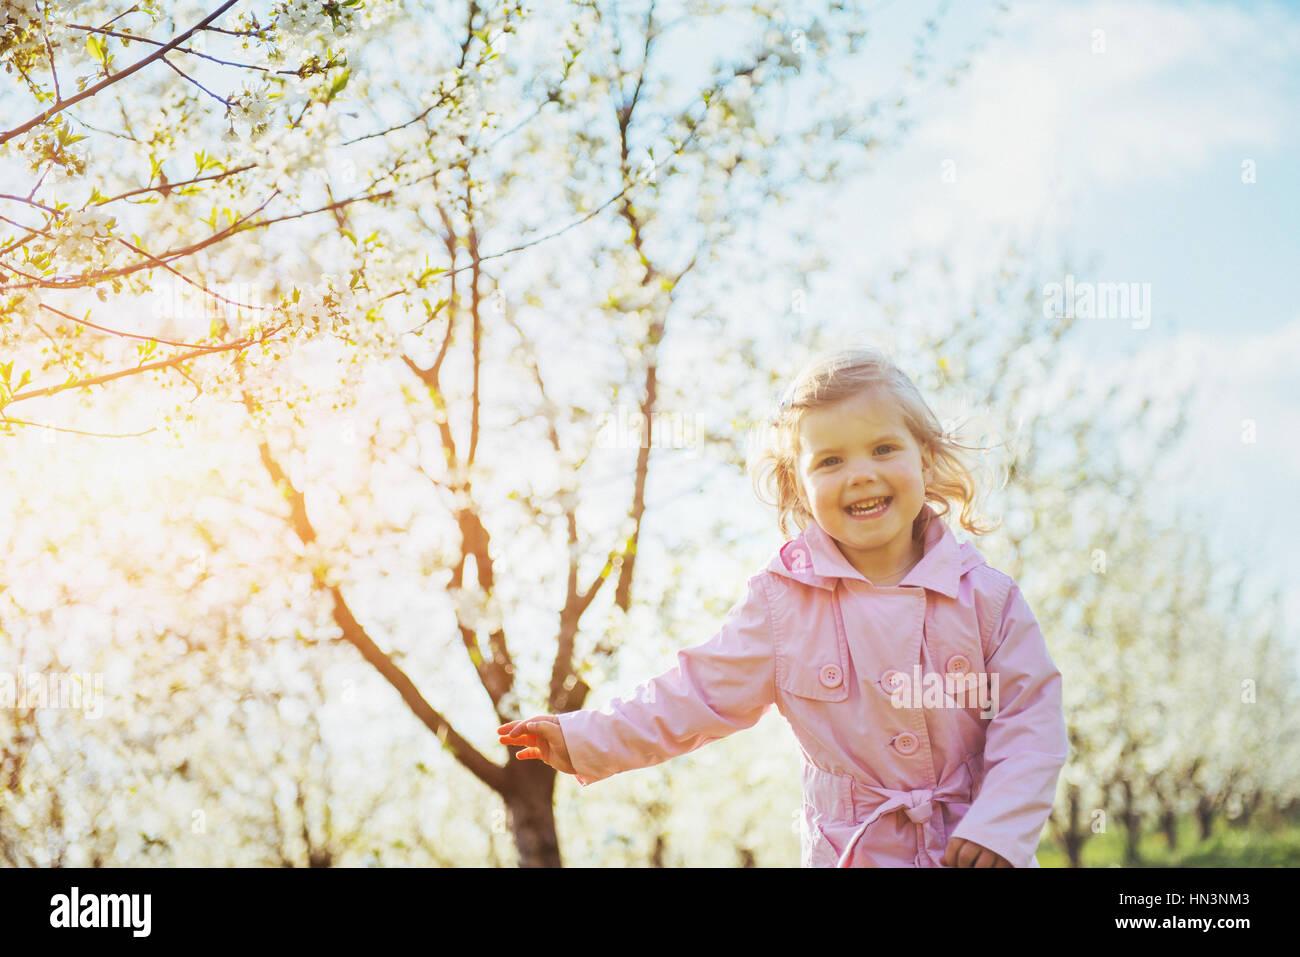 L'exécution de l'enfant en plein air arbres fleuris. Photo Stock